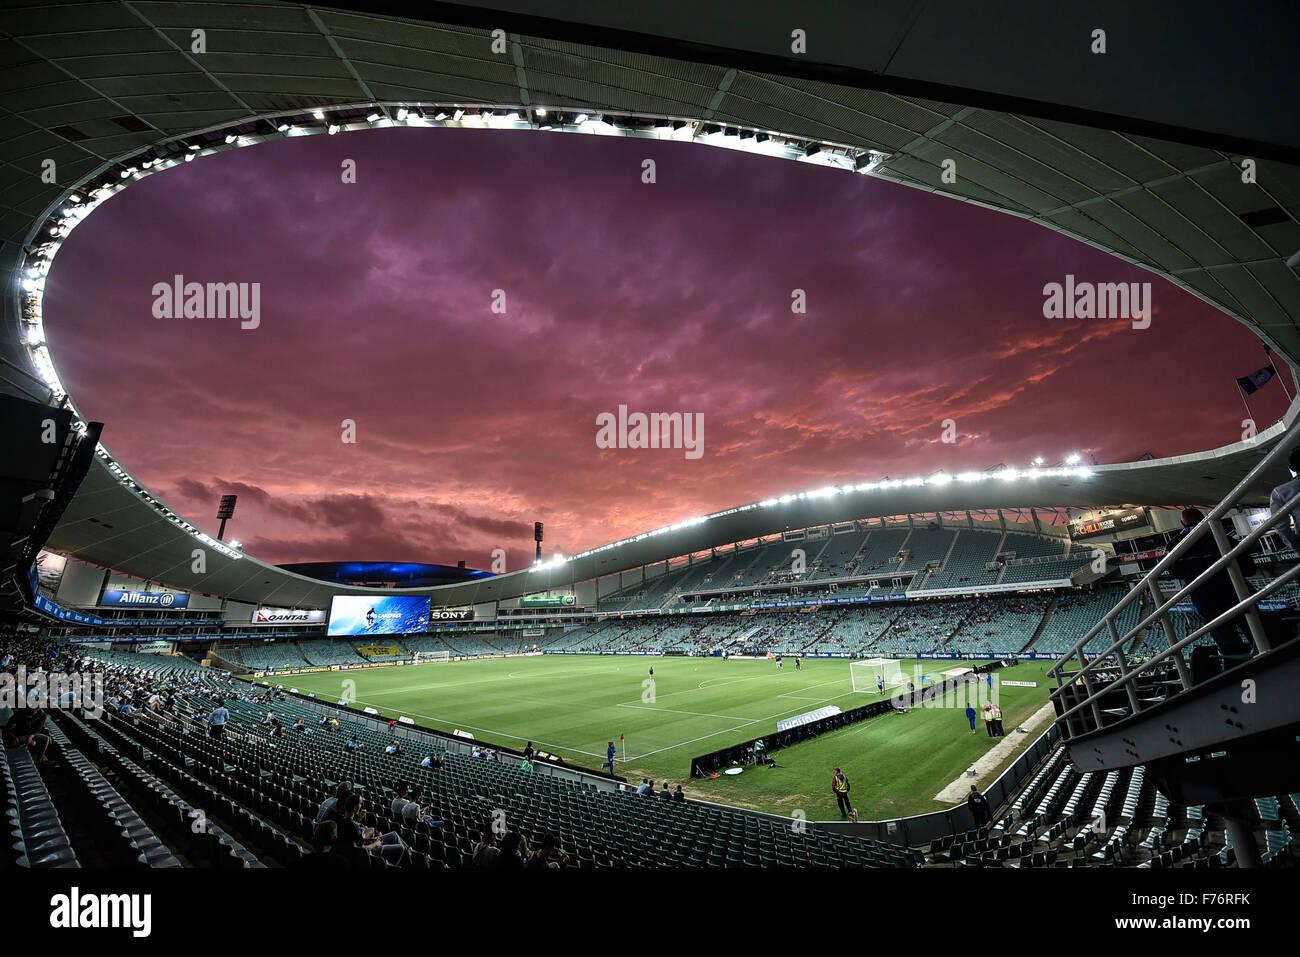 Allianz Stadium, Sydney, Australie. 26 novembre, 2015. Hyundai A-League. Sydney Wellington contre Phoenix. Un spectaculaire Photo Stock